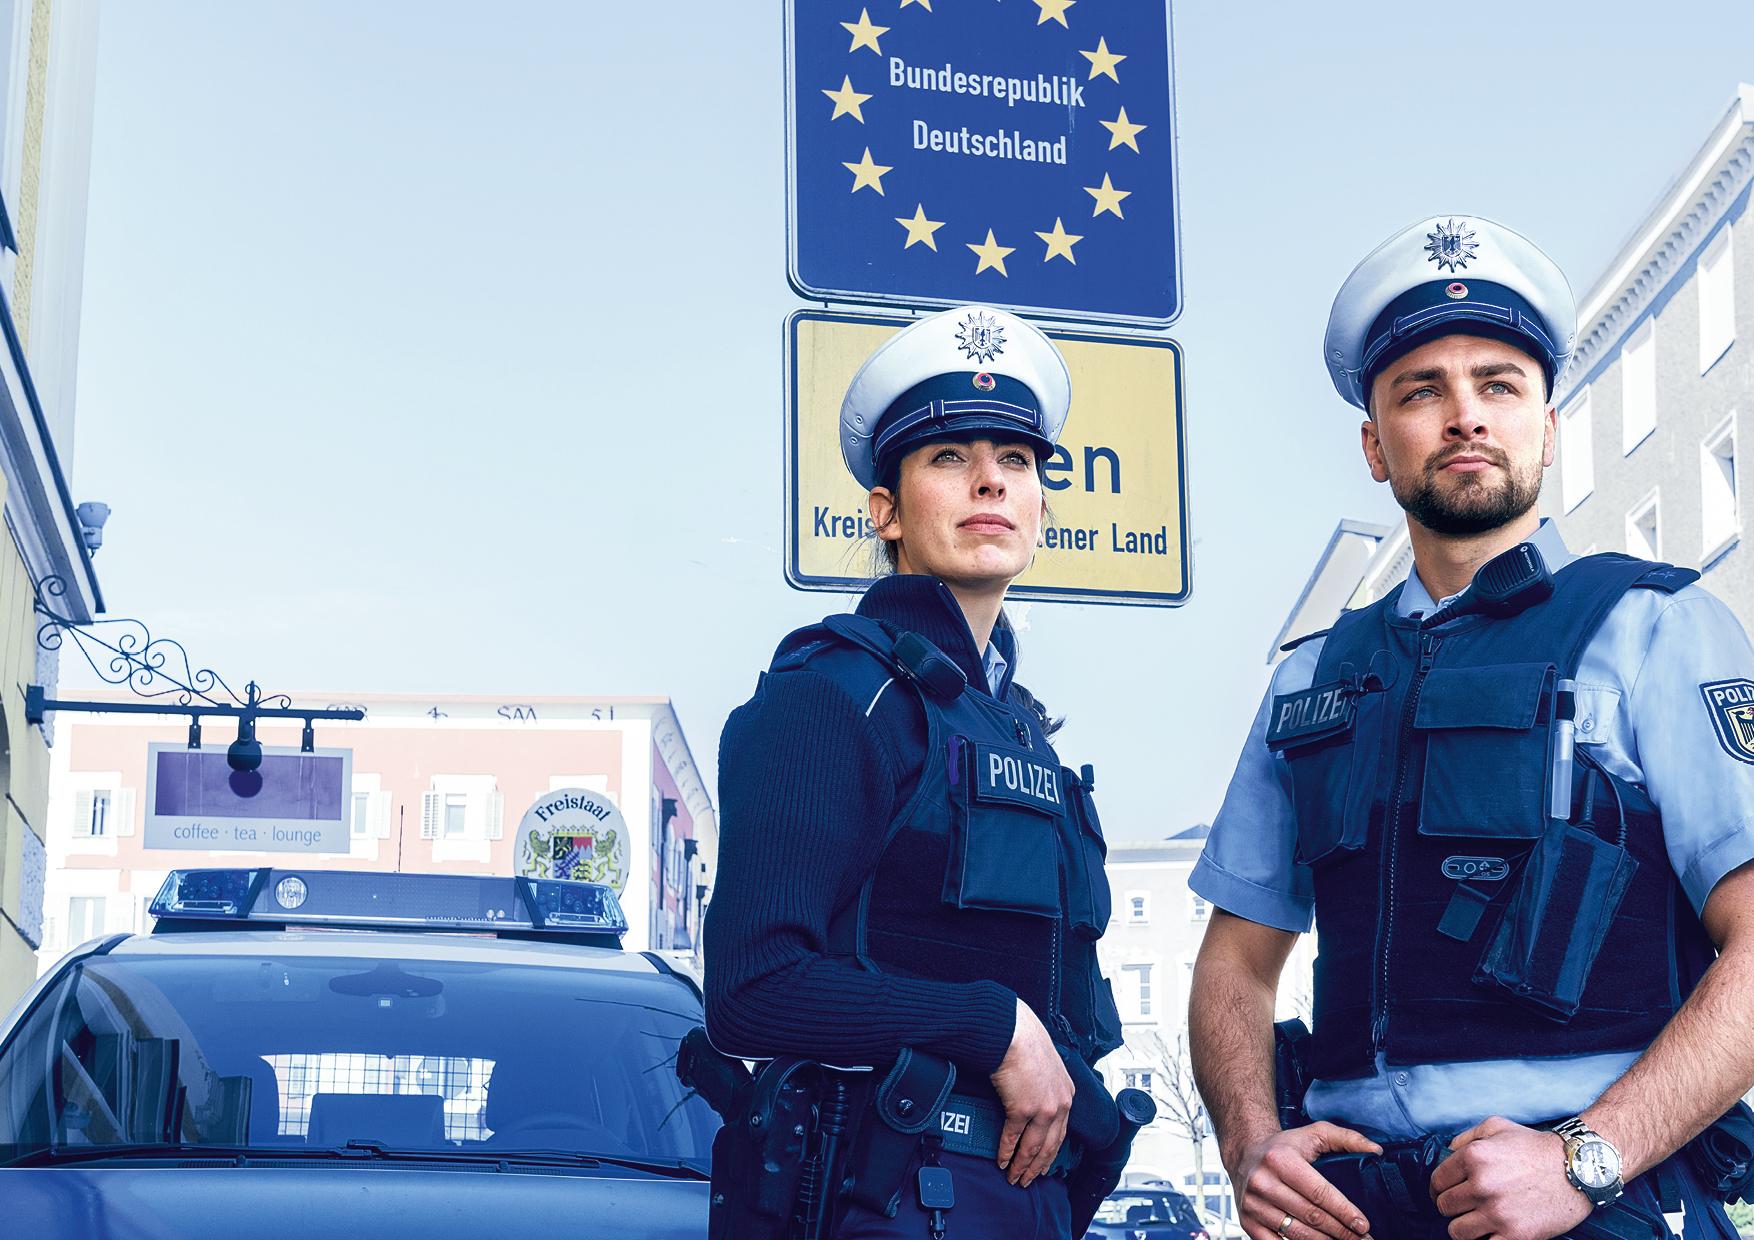 BPOL_Motive_solo_Grenze_Theresa_Patrick.jpg – Bundespolizei, Einstellungsberatung Bunde